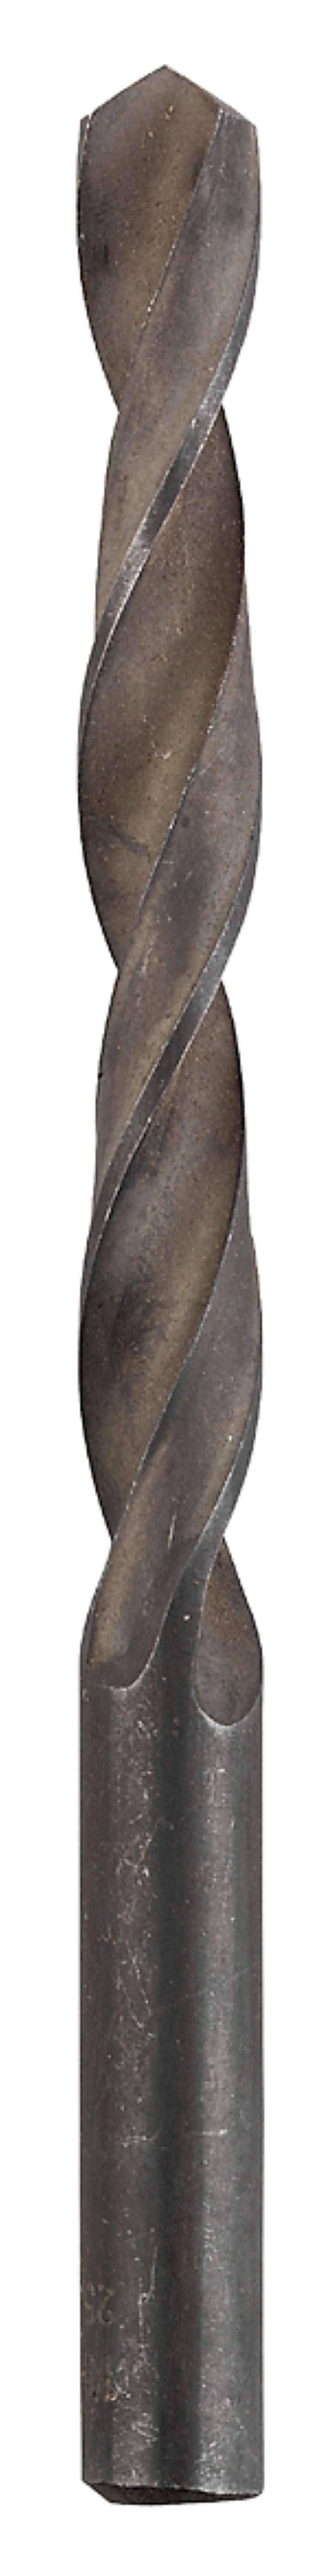 Сверло по металлу Kwb 209-710  - Купить